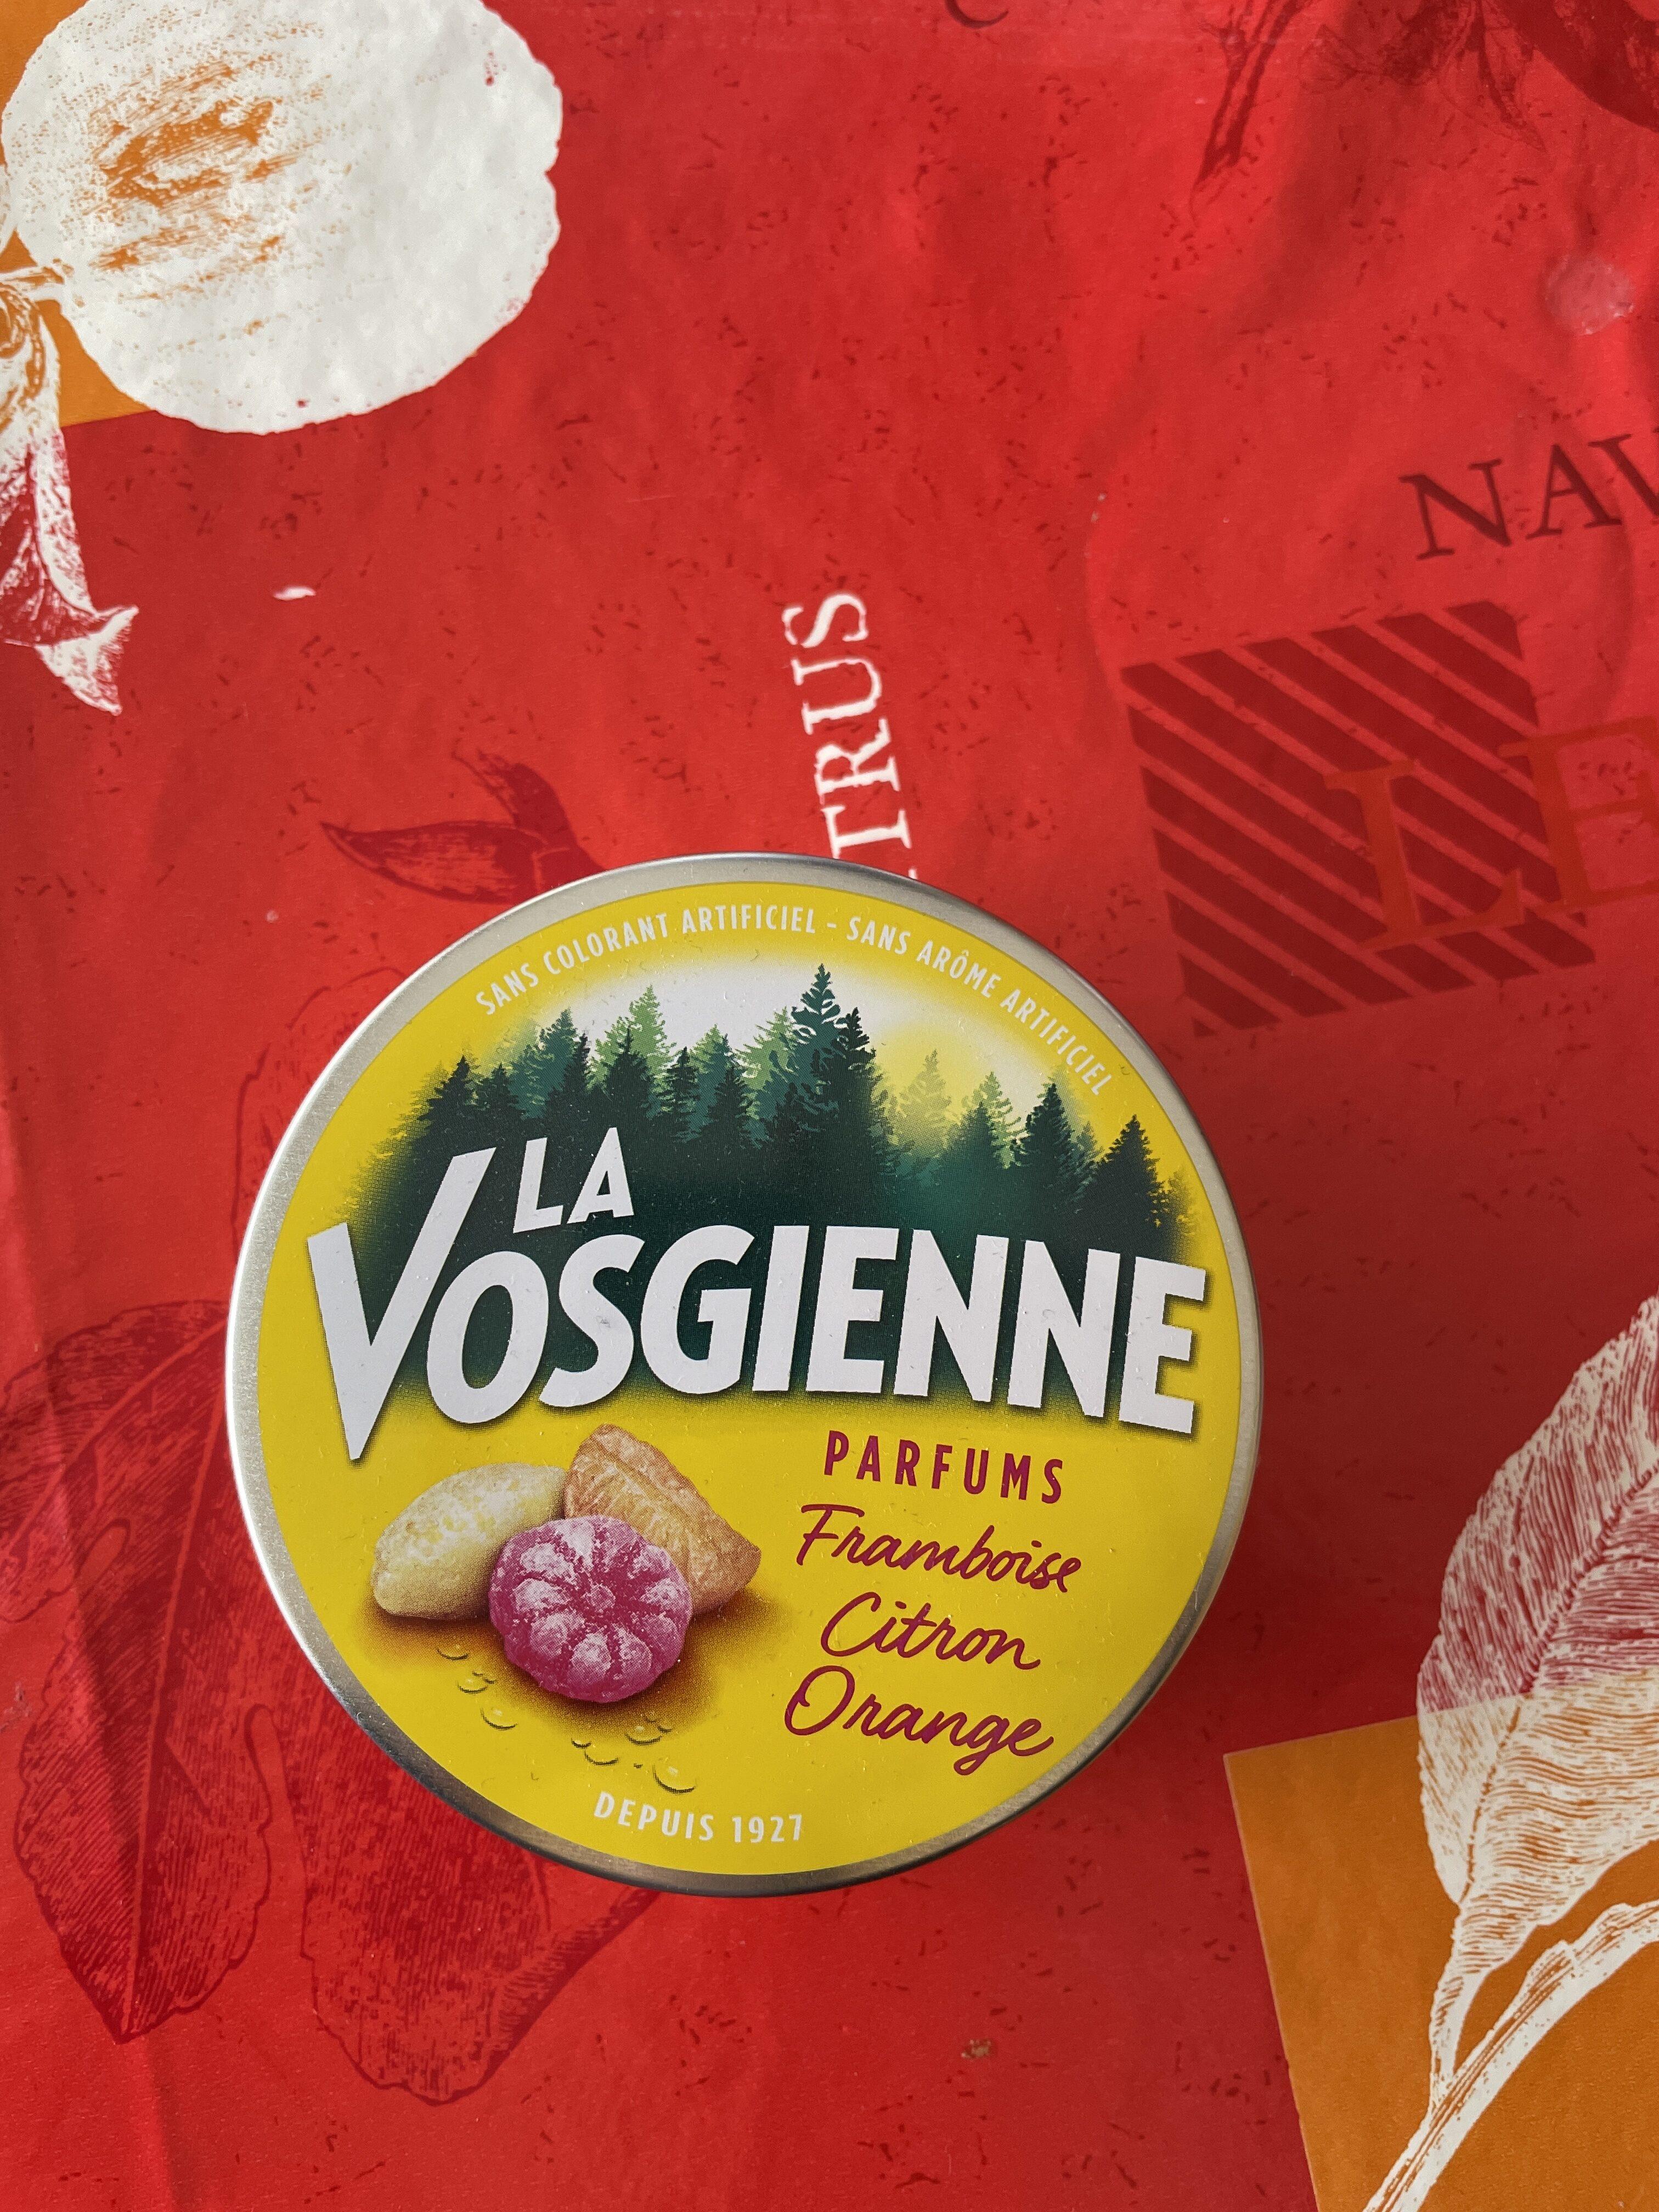 La Vosgienne Parfums Framboise Citron Orange - Product - fr